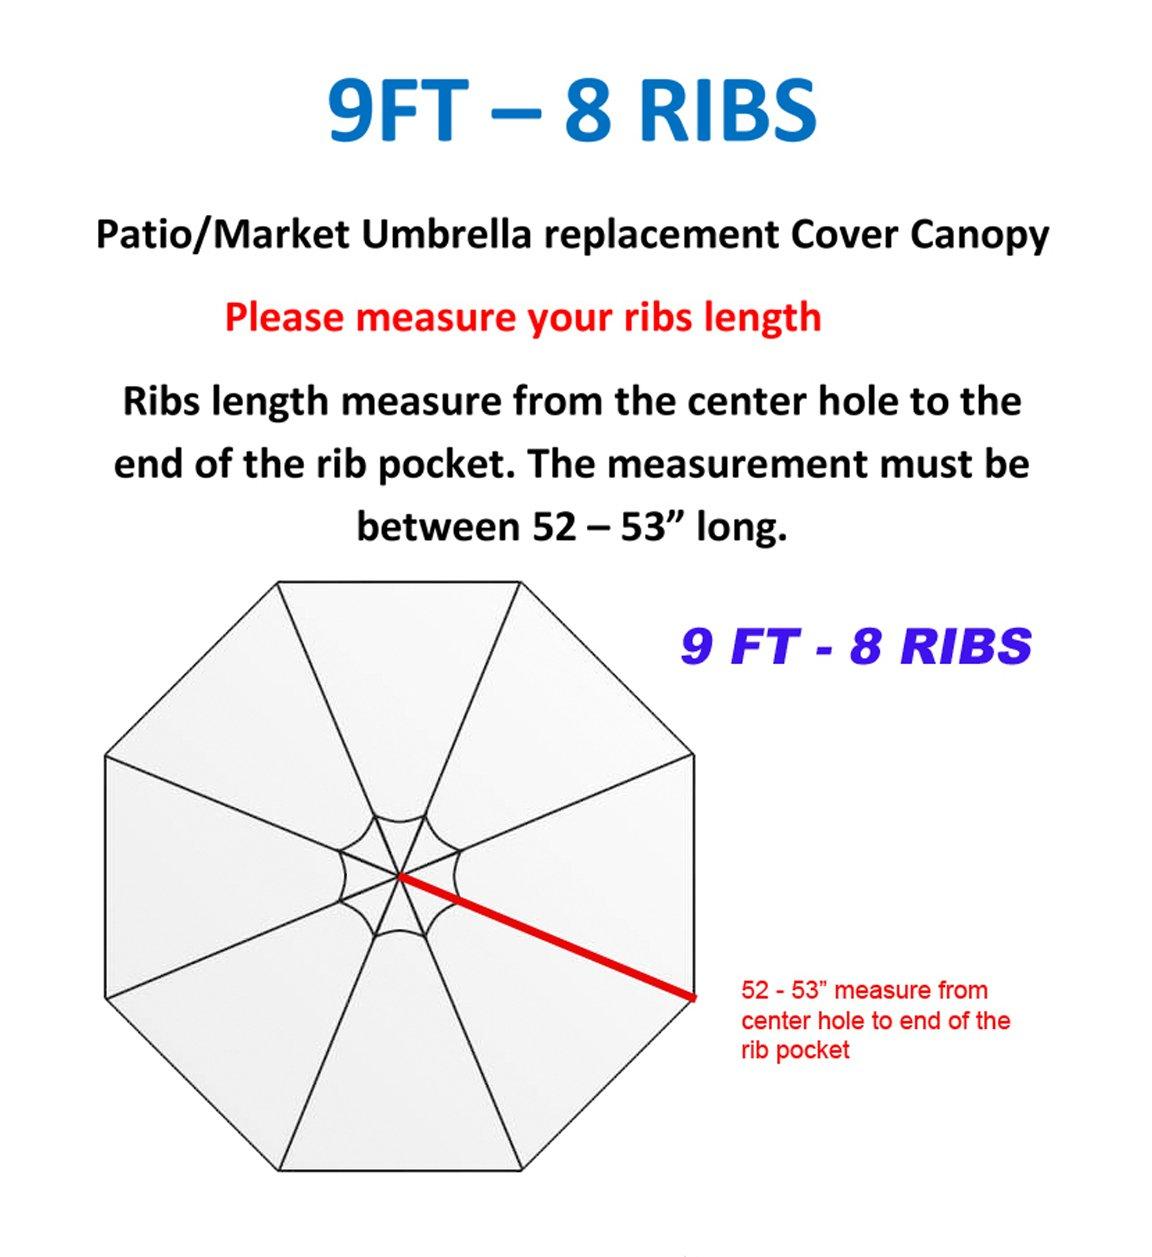 Lovely Amazon.com : 9FT 8 Ribs Umbrella Cover Canopy Green Replacement Top Patio  Market Outdoor Beach : Garden U0026 Outdoor